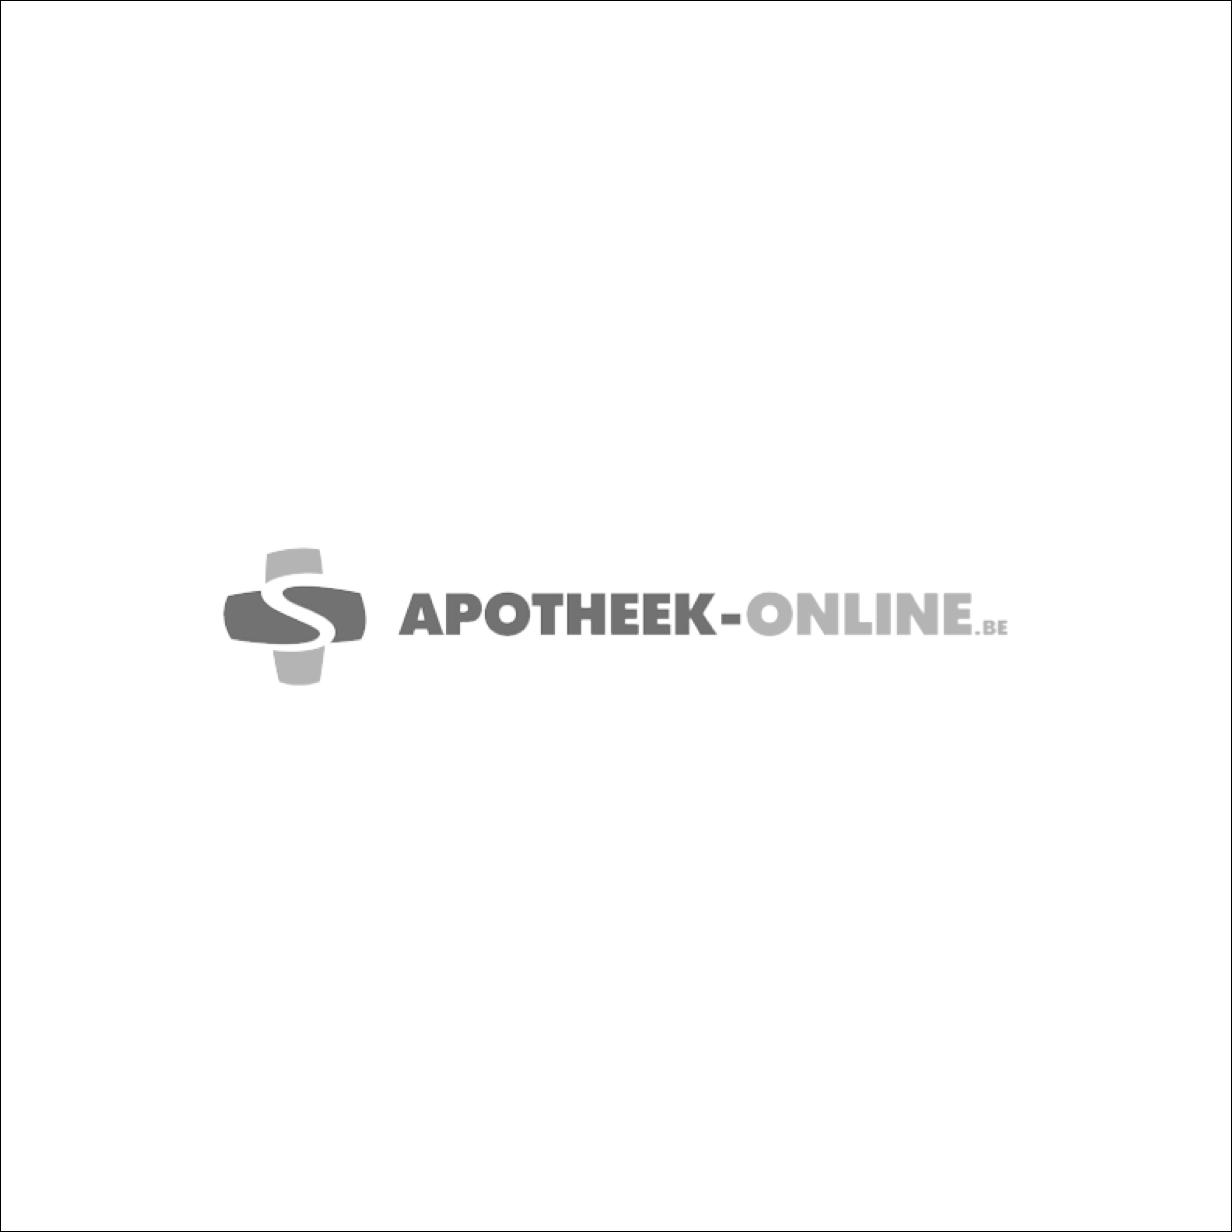 MESOFT CP N/ST 7,5X 7,5CM 300 156100